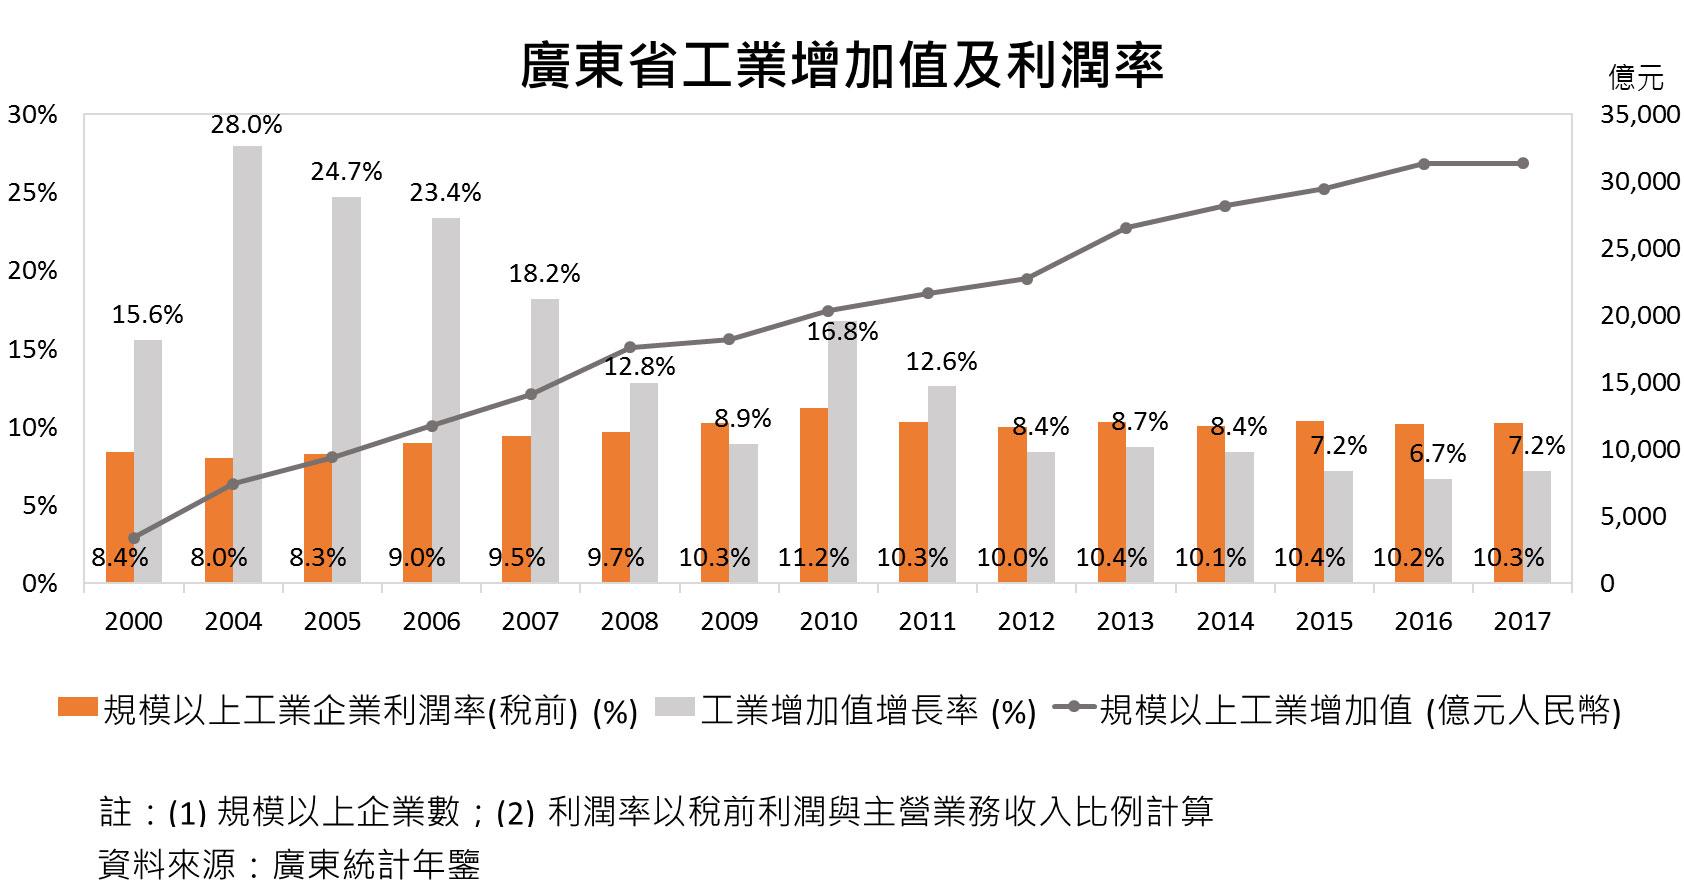 圖:廣東省工業增加值及利潤率